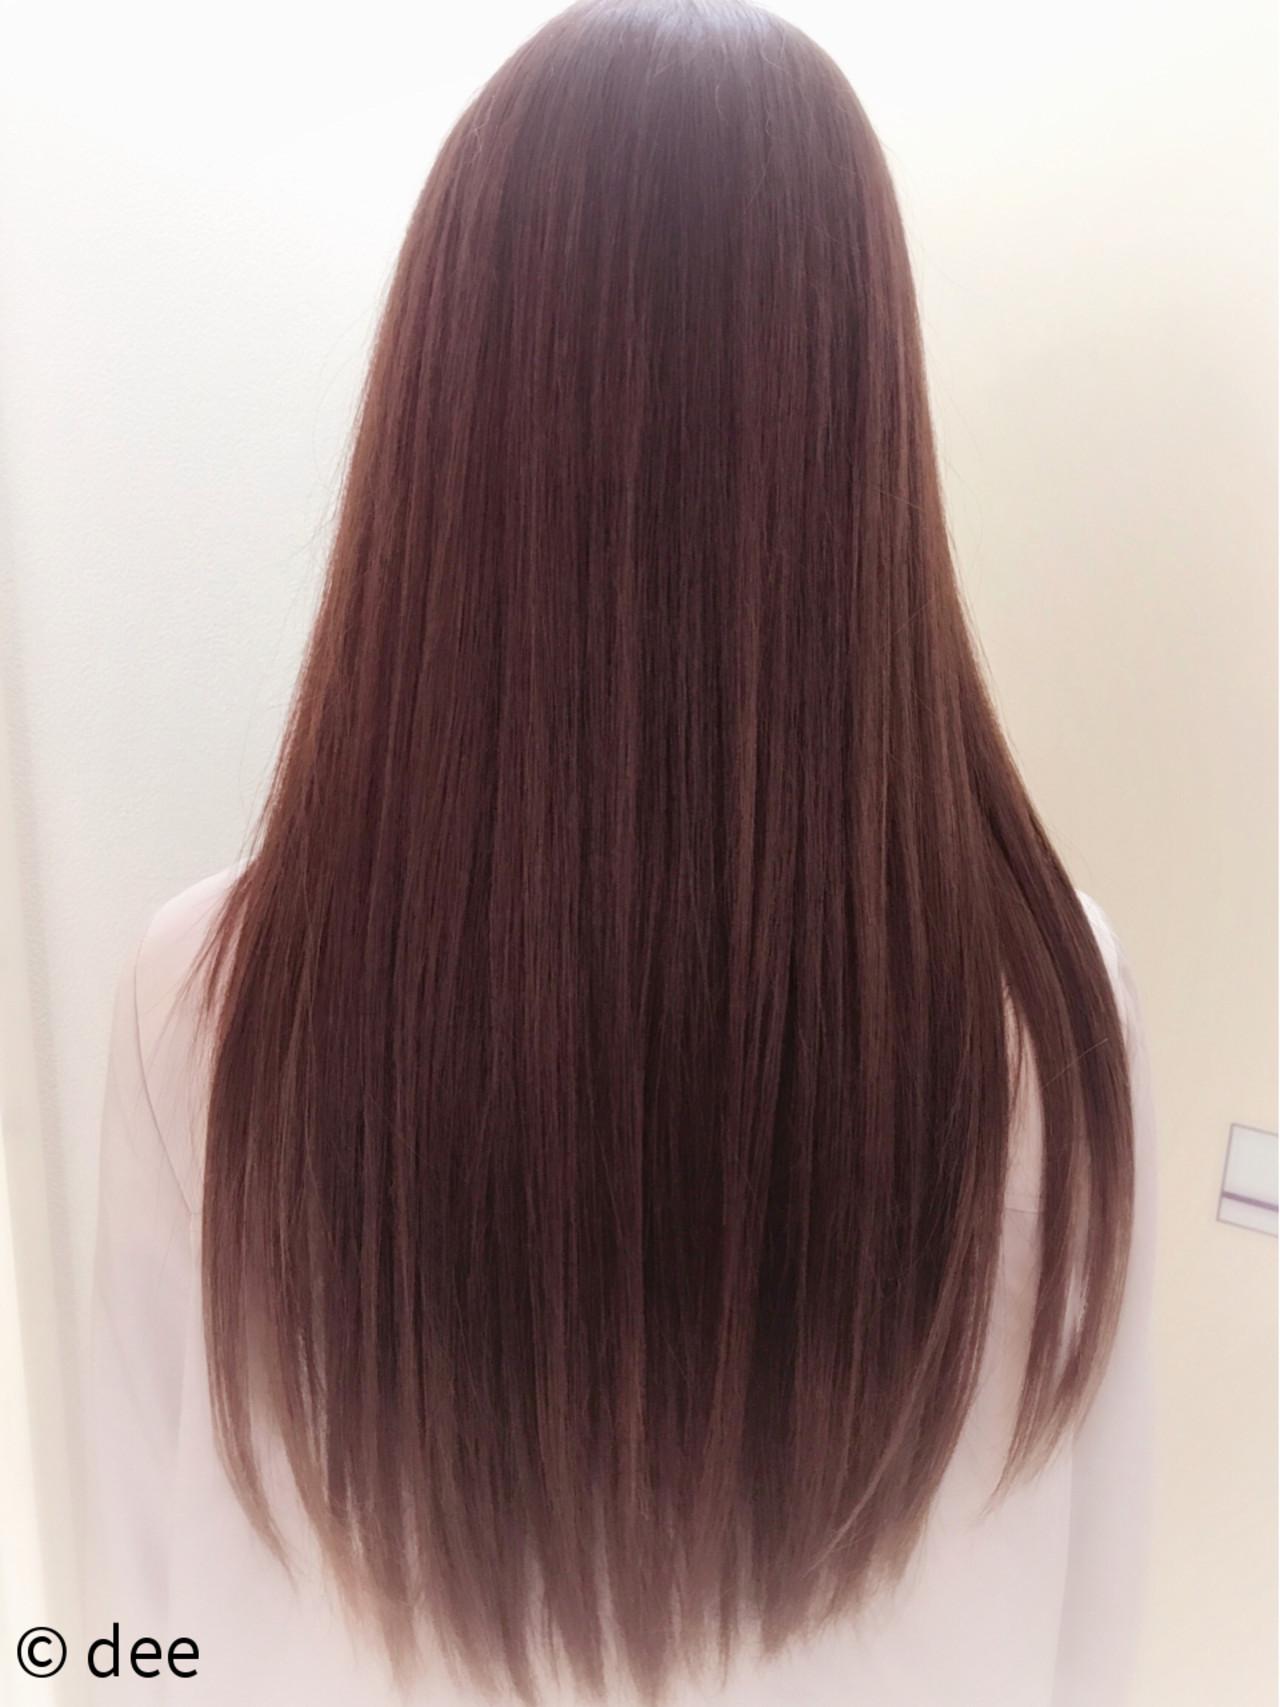 どんな髪型にすればいいの?40代の女性におすすめしたい髪型はこれ! dee